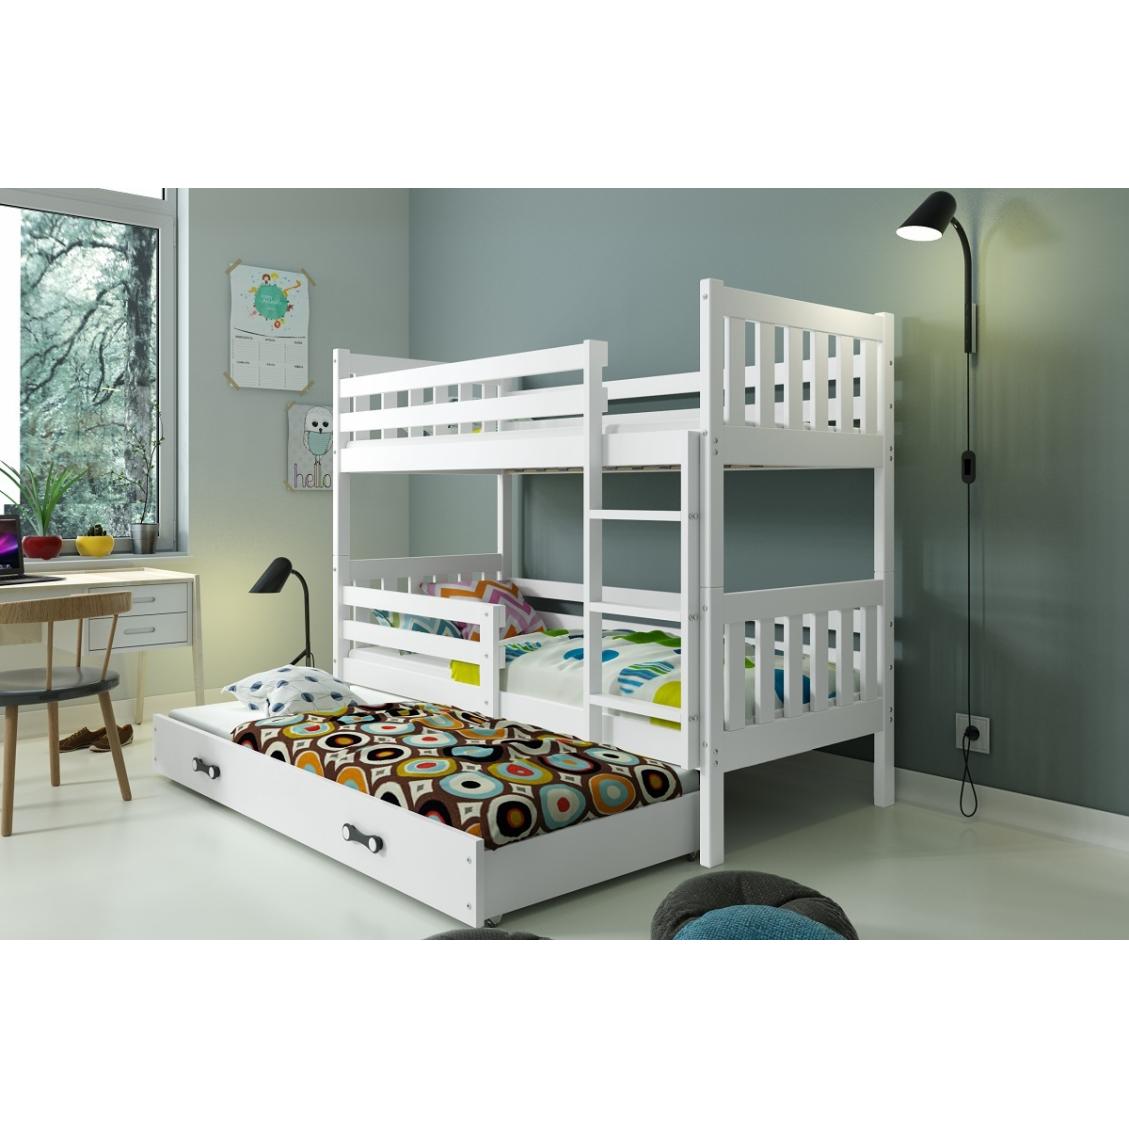 Łóżko Piętrowe Trzyosobowe CARINO 190x80 Biały